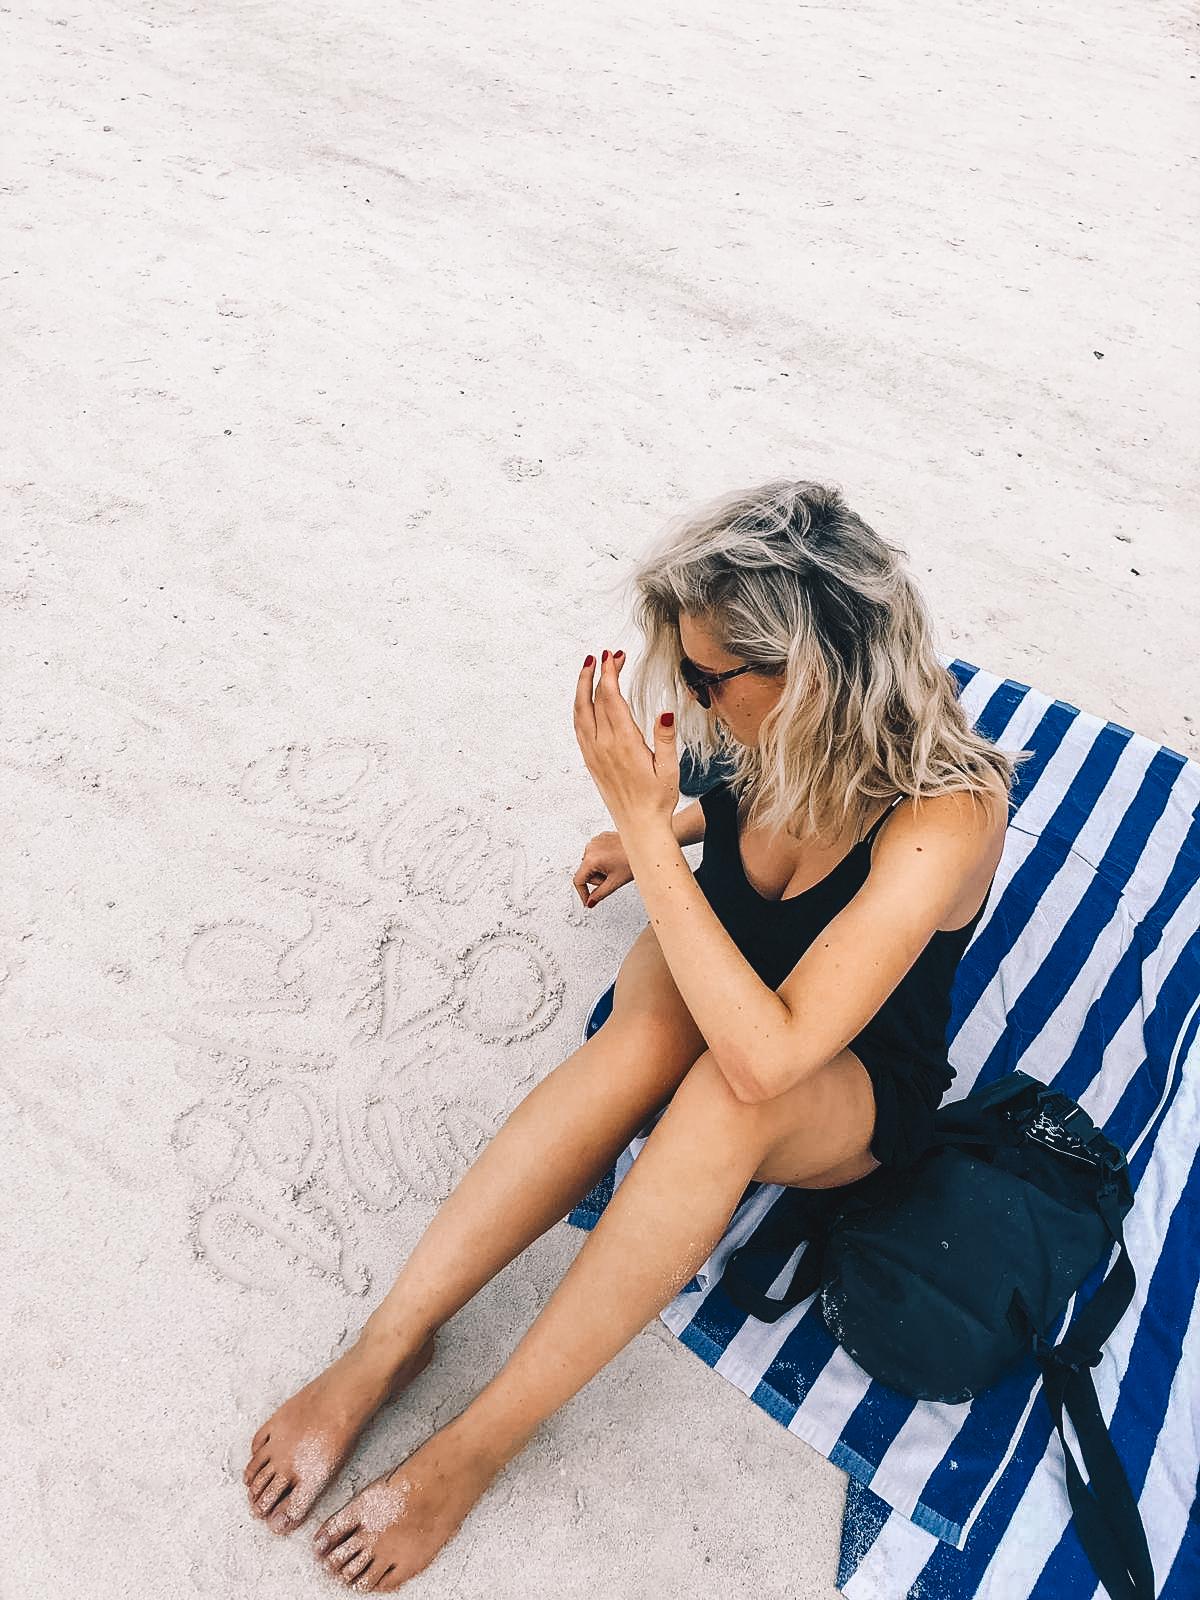 lemonaidlies_boracay_beach_written_in_the_sand